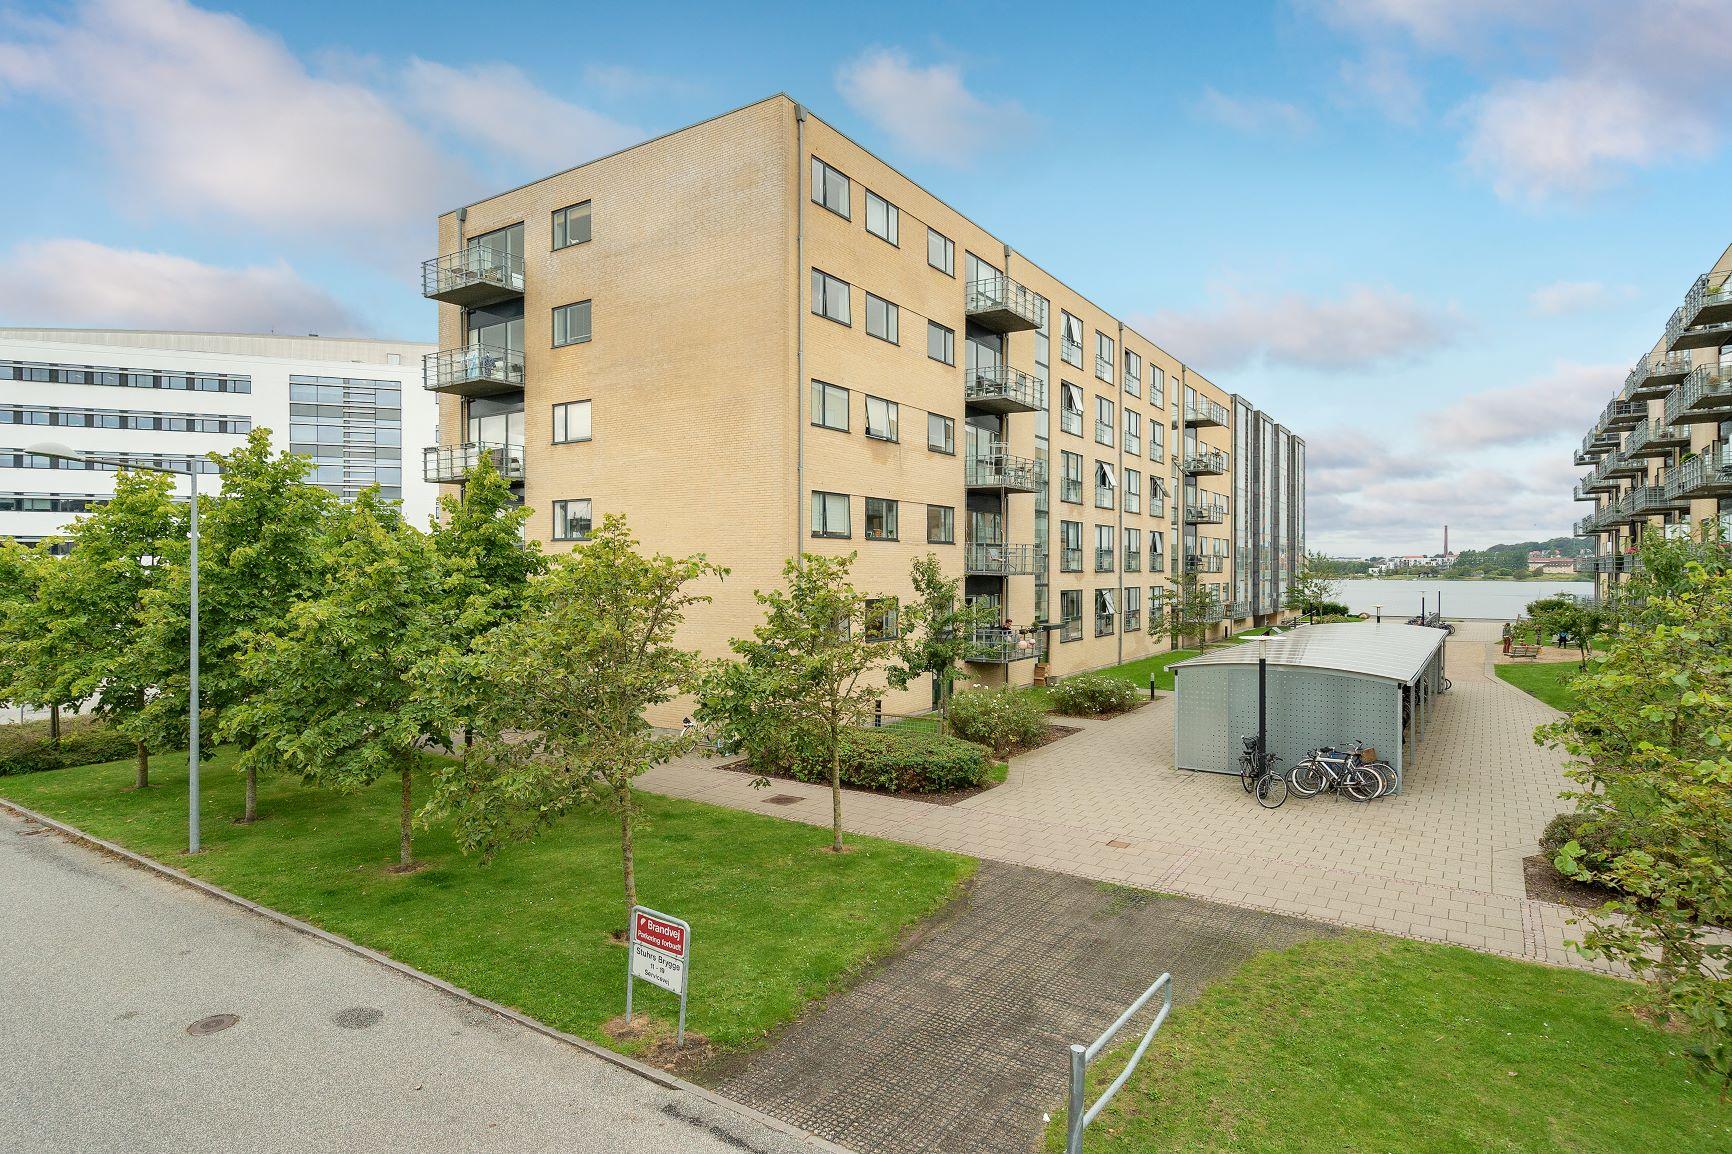 Stuhrs Brygge 13, 4. dør 7., 9000 Aalborg